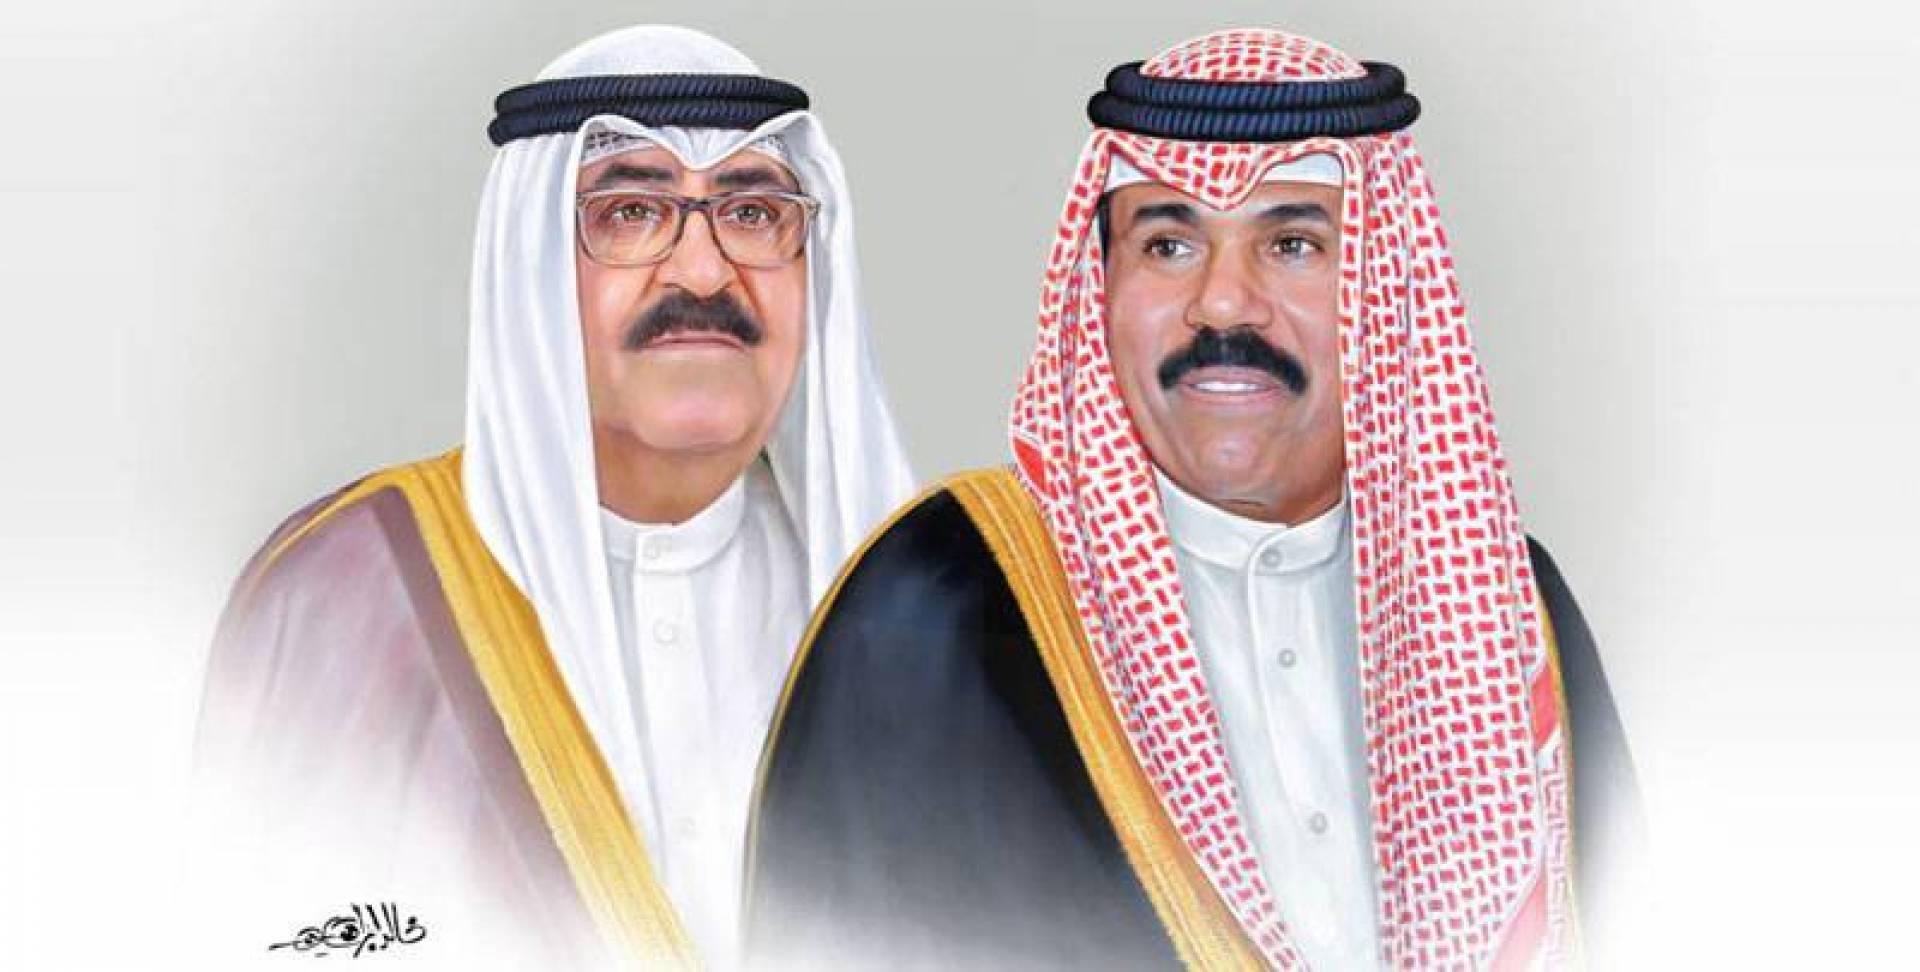 الأمير: قضاؤنا نزيه في دولة دستور وقانون